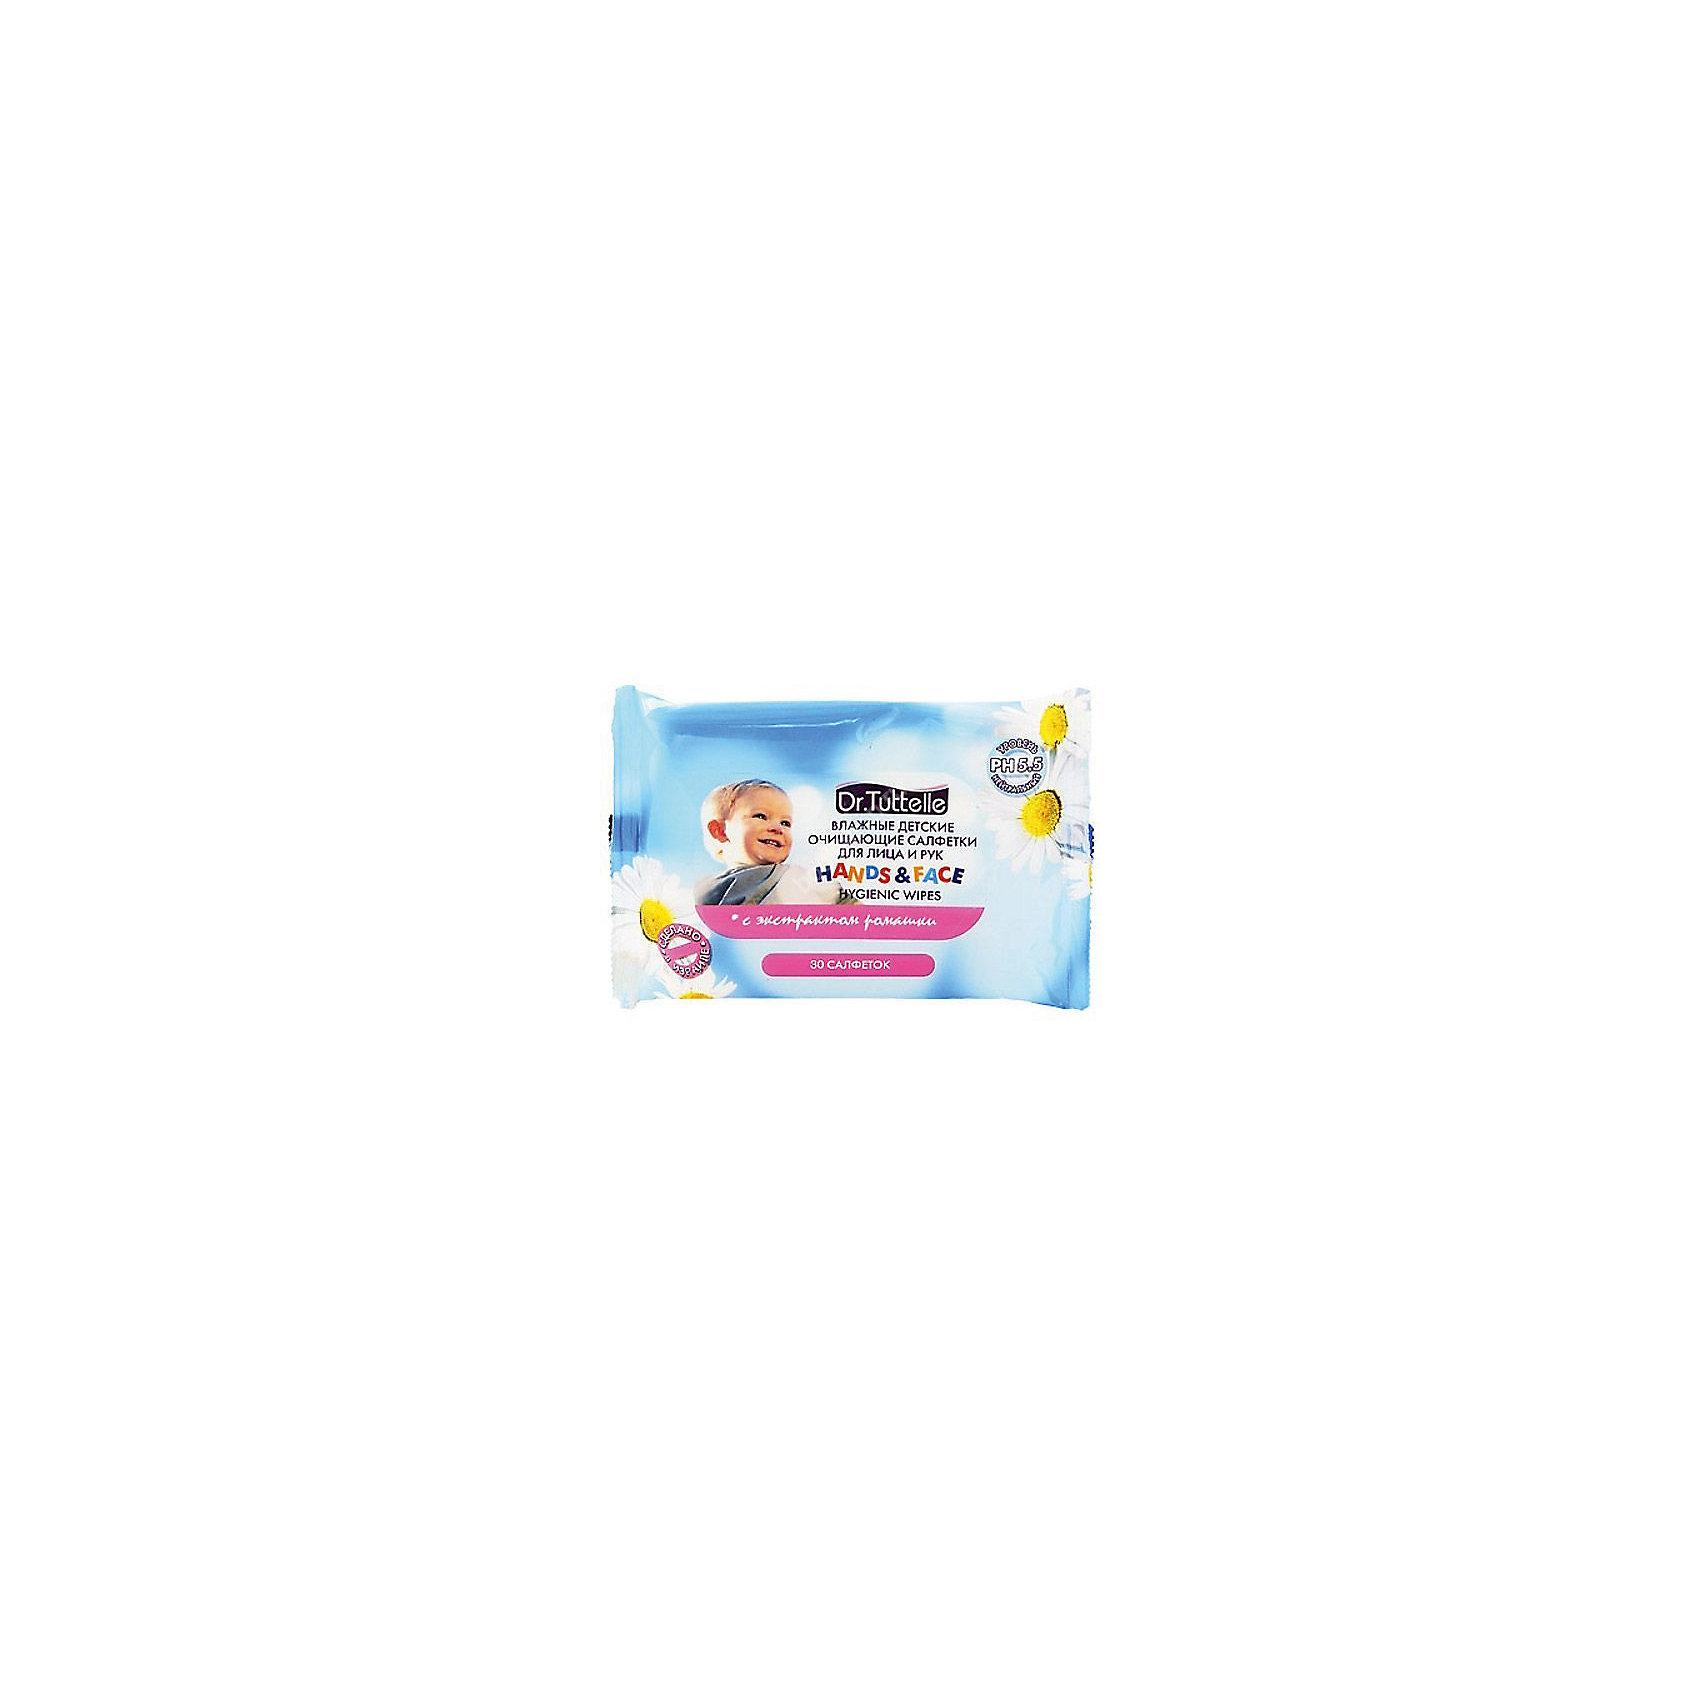 Влажные детские очищающие салфетки для рук и лица, 30 шт, DR. TUTTELLЕ